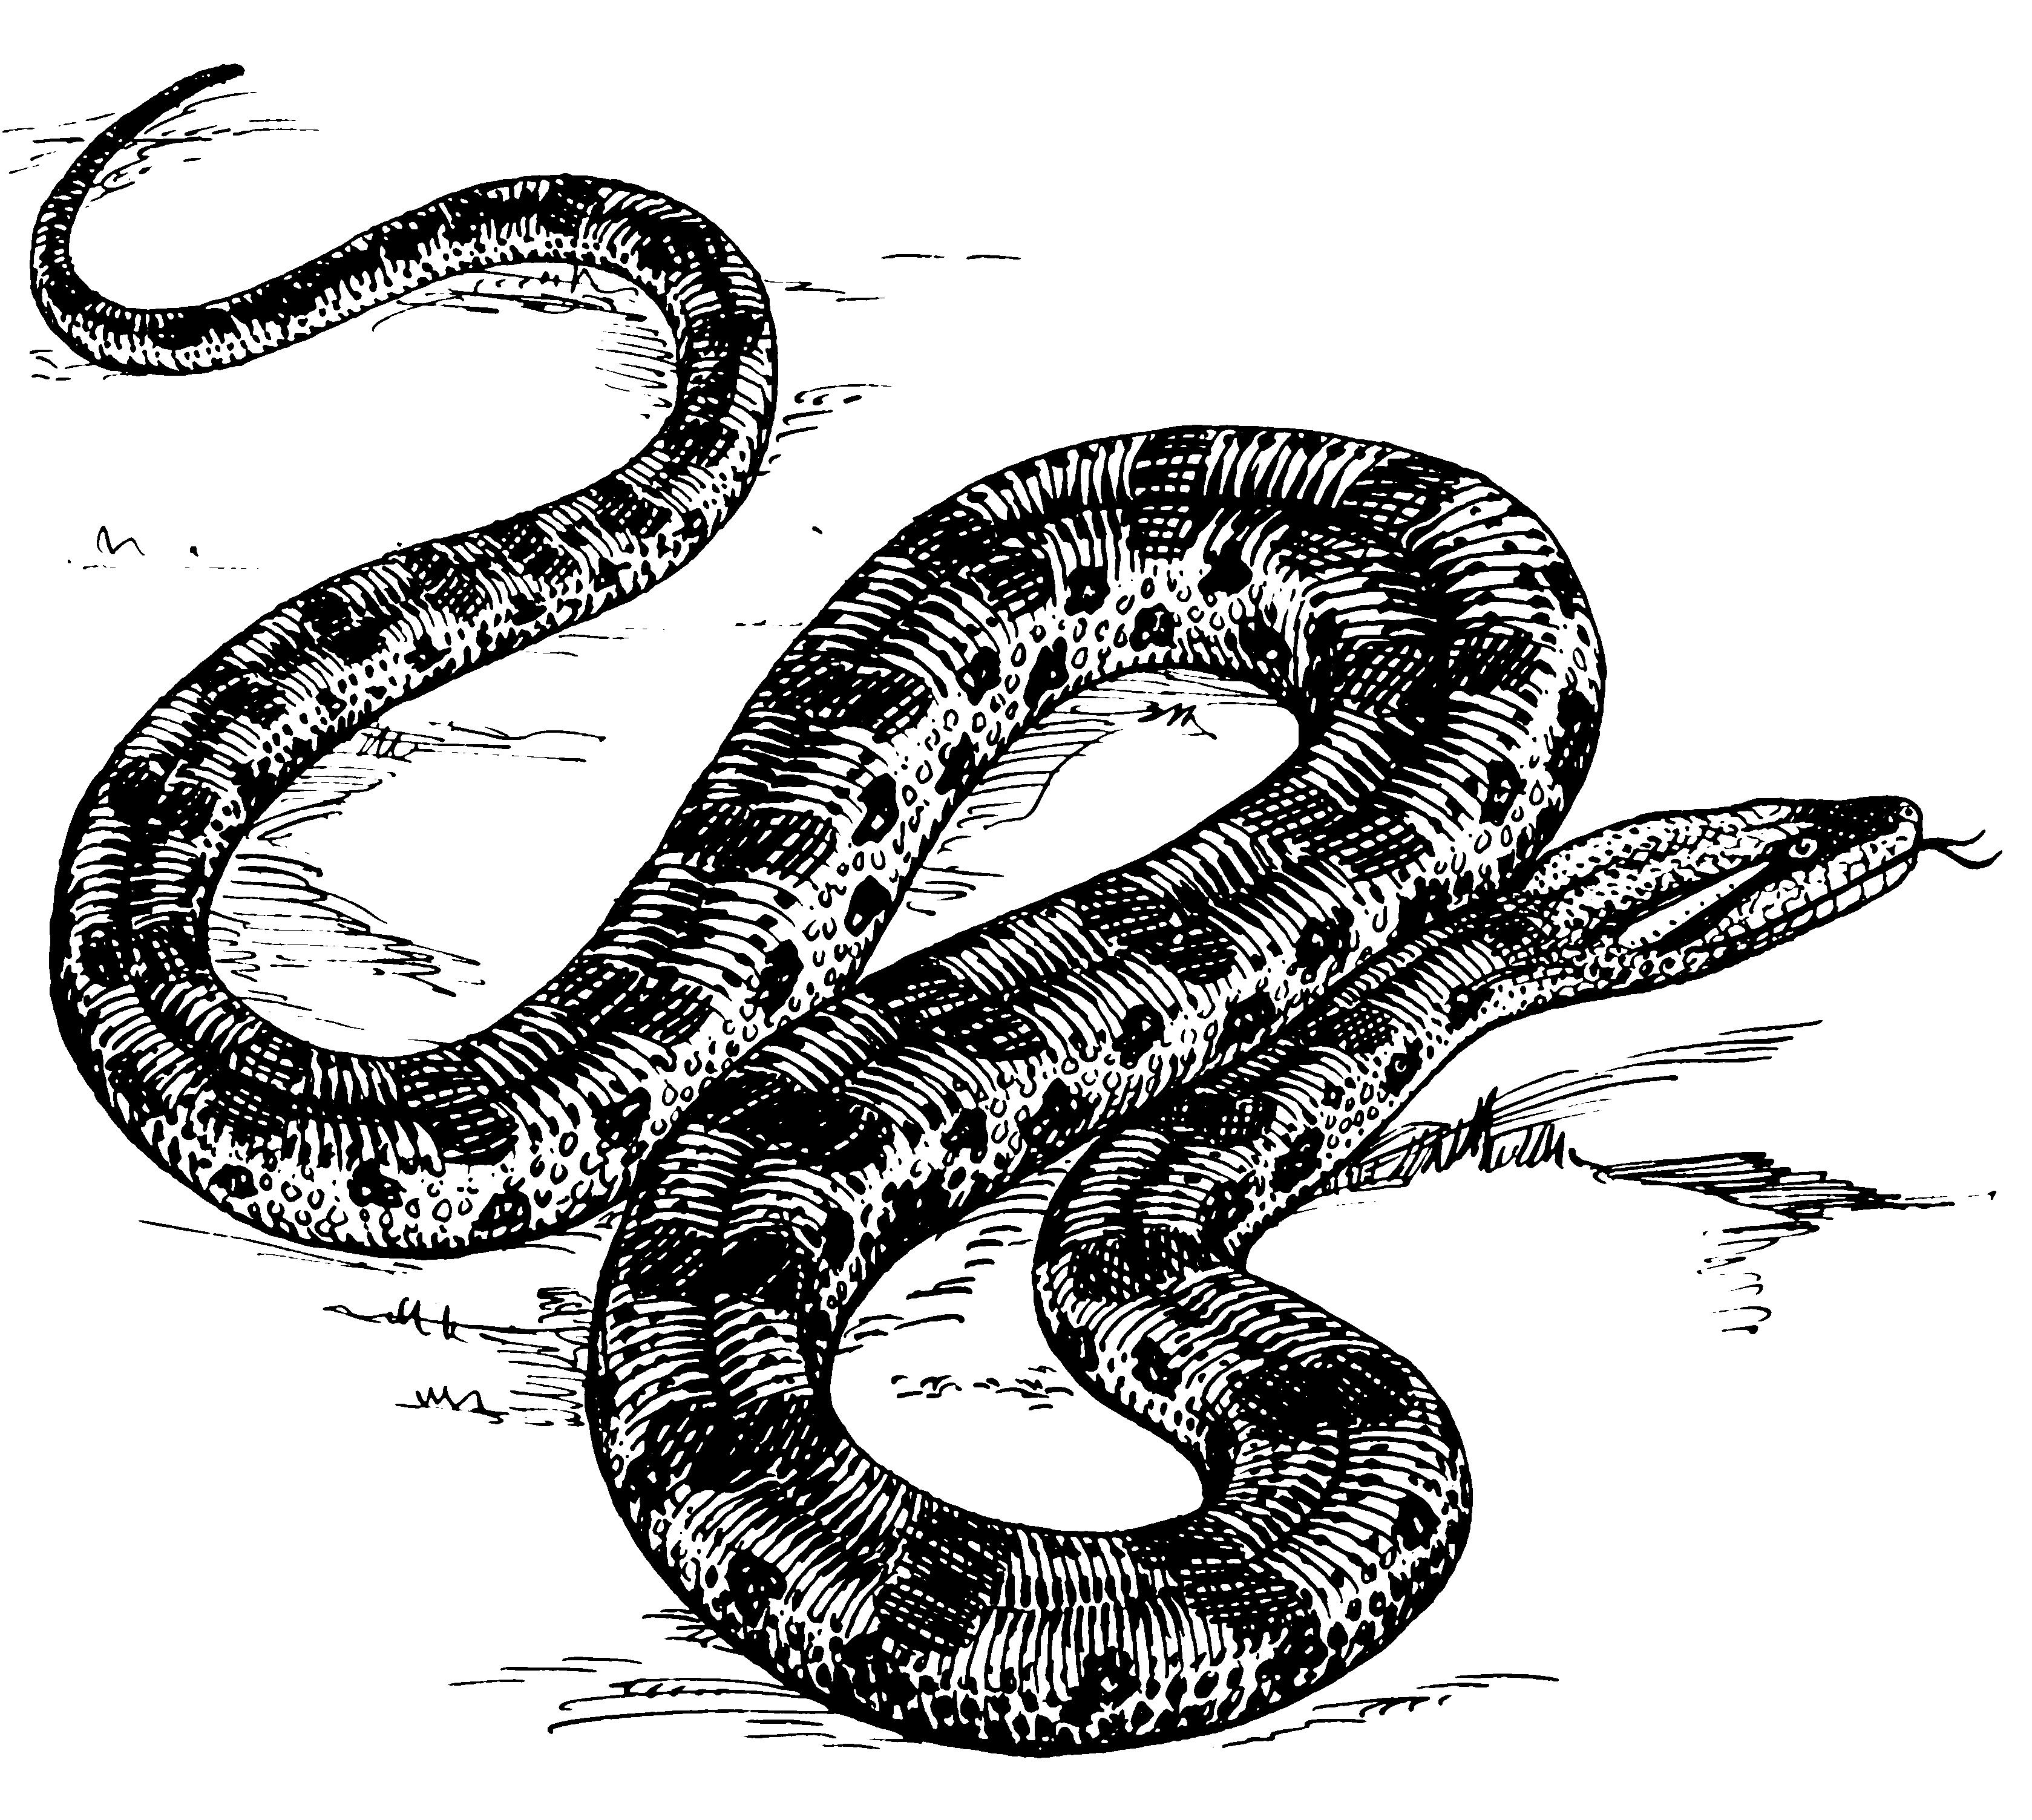 Anaconda PNG - 27331